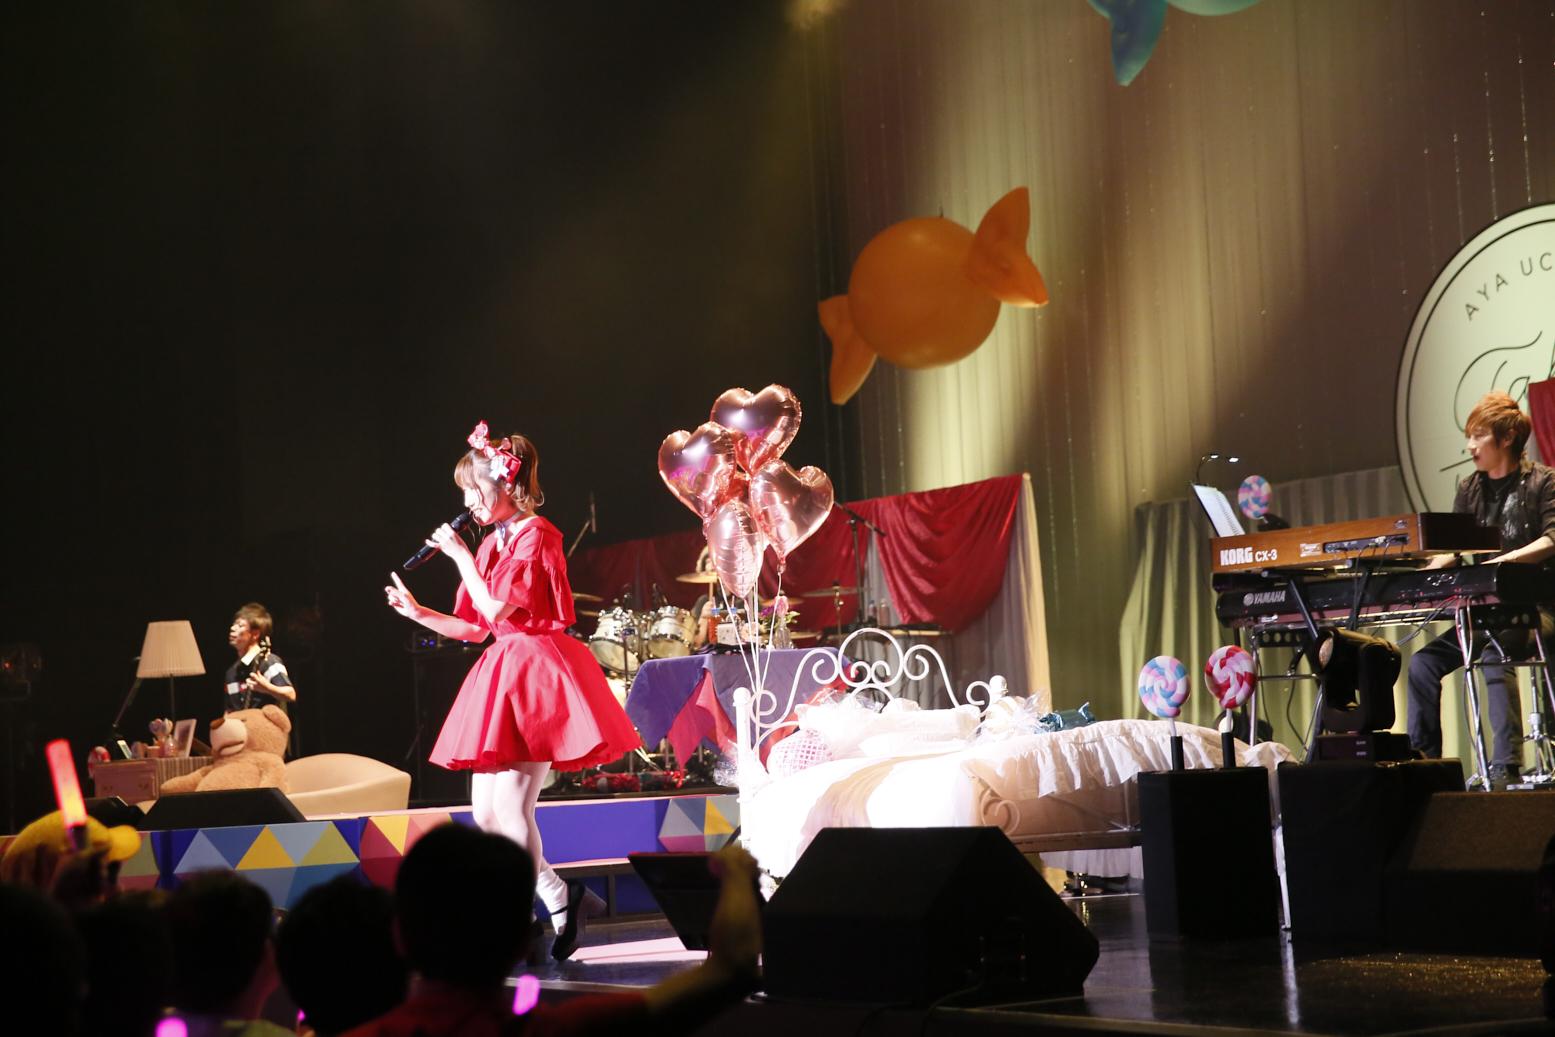 声優・内田彩さんの3rdシングルより、「Sign」(『五等分の花嫁』EDテーマ)と「Candy Flavor」のMV公開! ジャケ写、新アー写も解禁-1